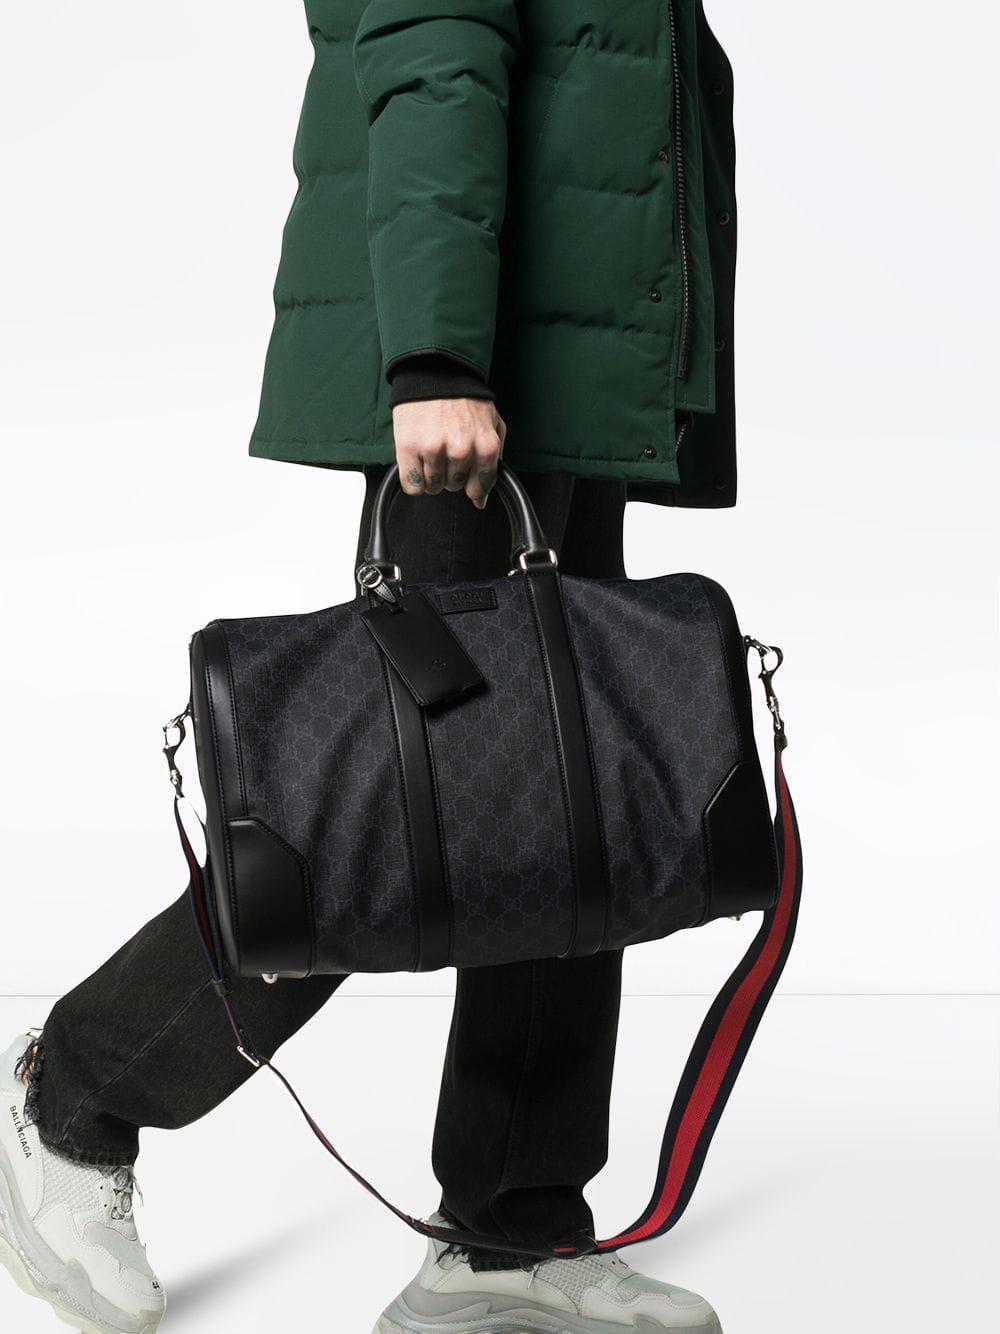 Lyst - Sac fourre-tout Suprême GG Gucci pour homme en coloris Noir ... a7f27d08bdd